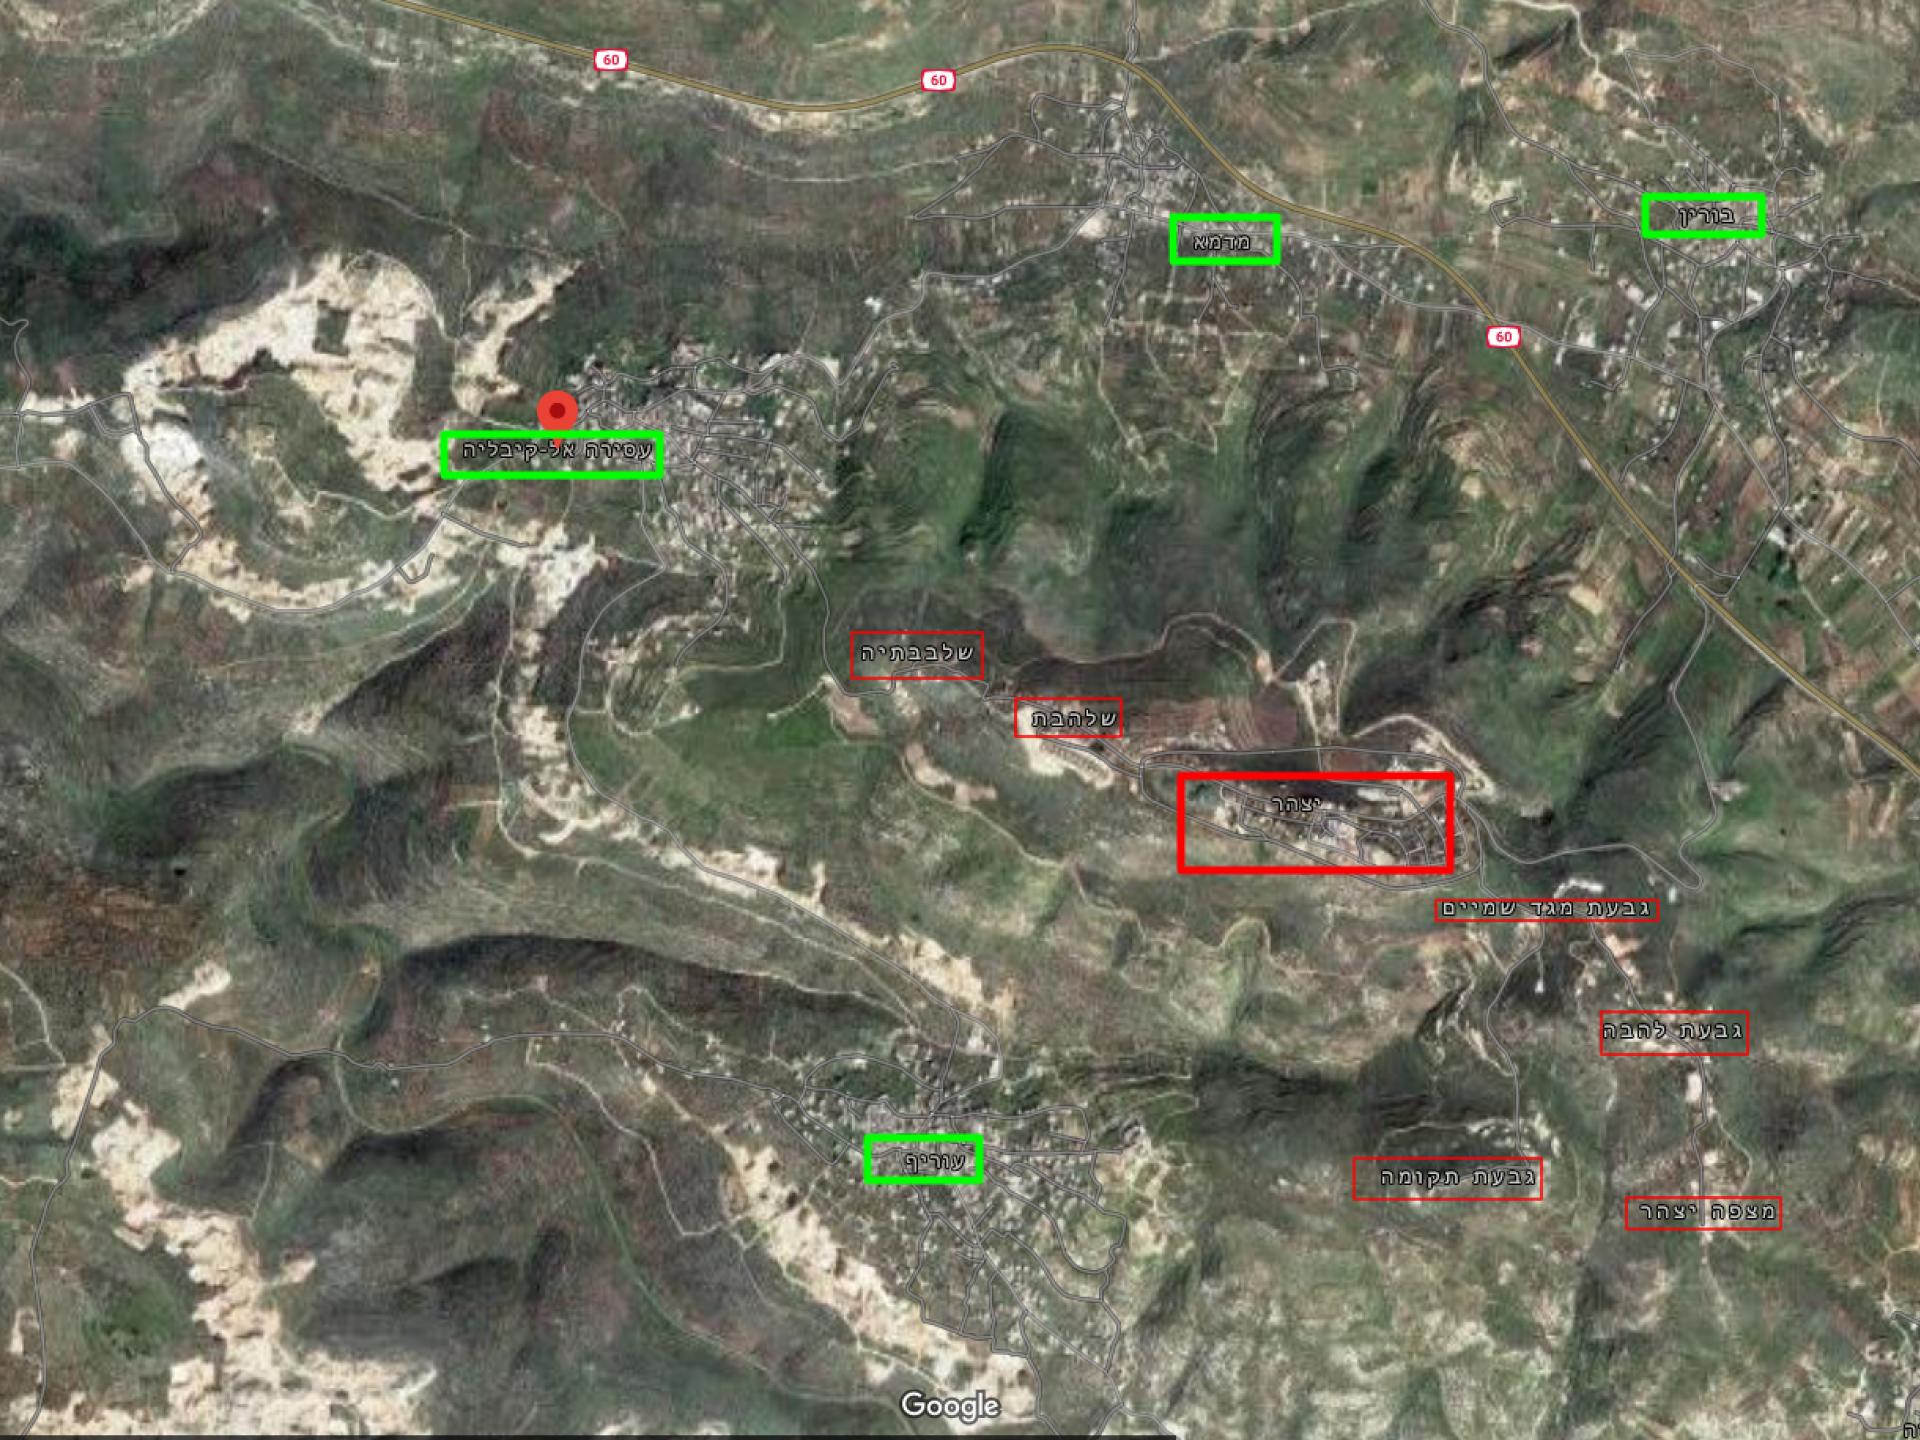 מפה מתארת את מיקום התנחלות יצהר בקרב הכפרים הפלסטינים